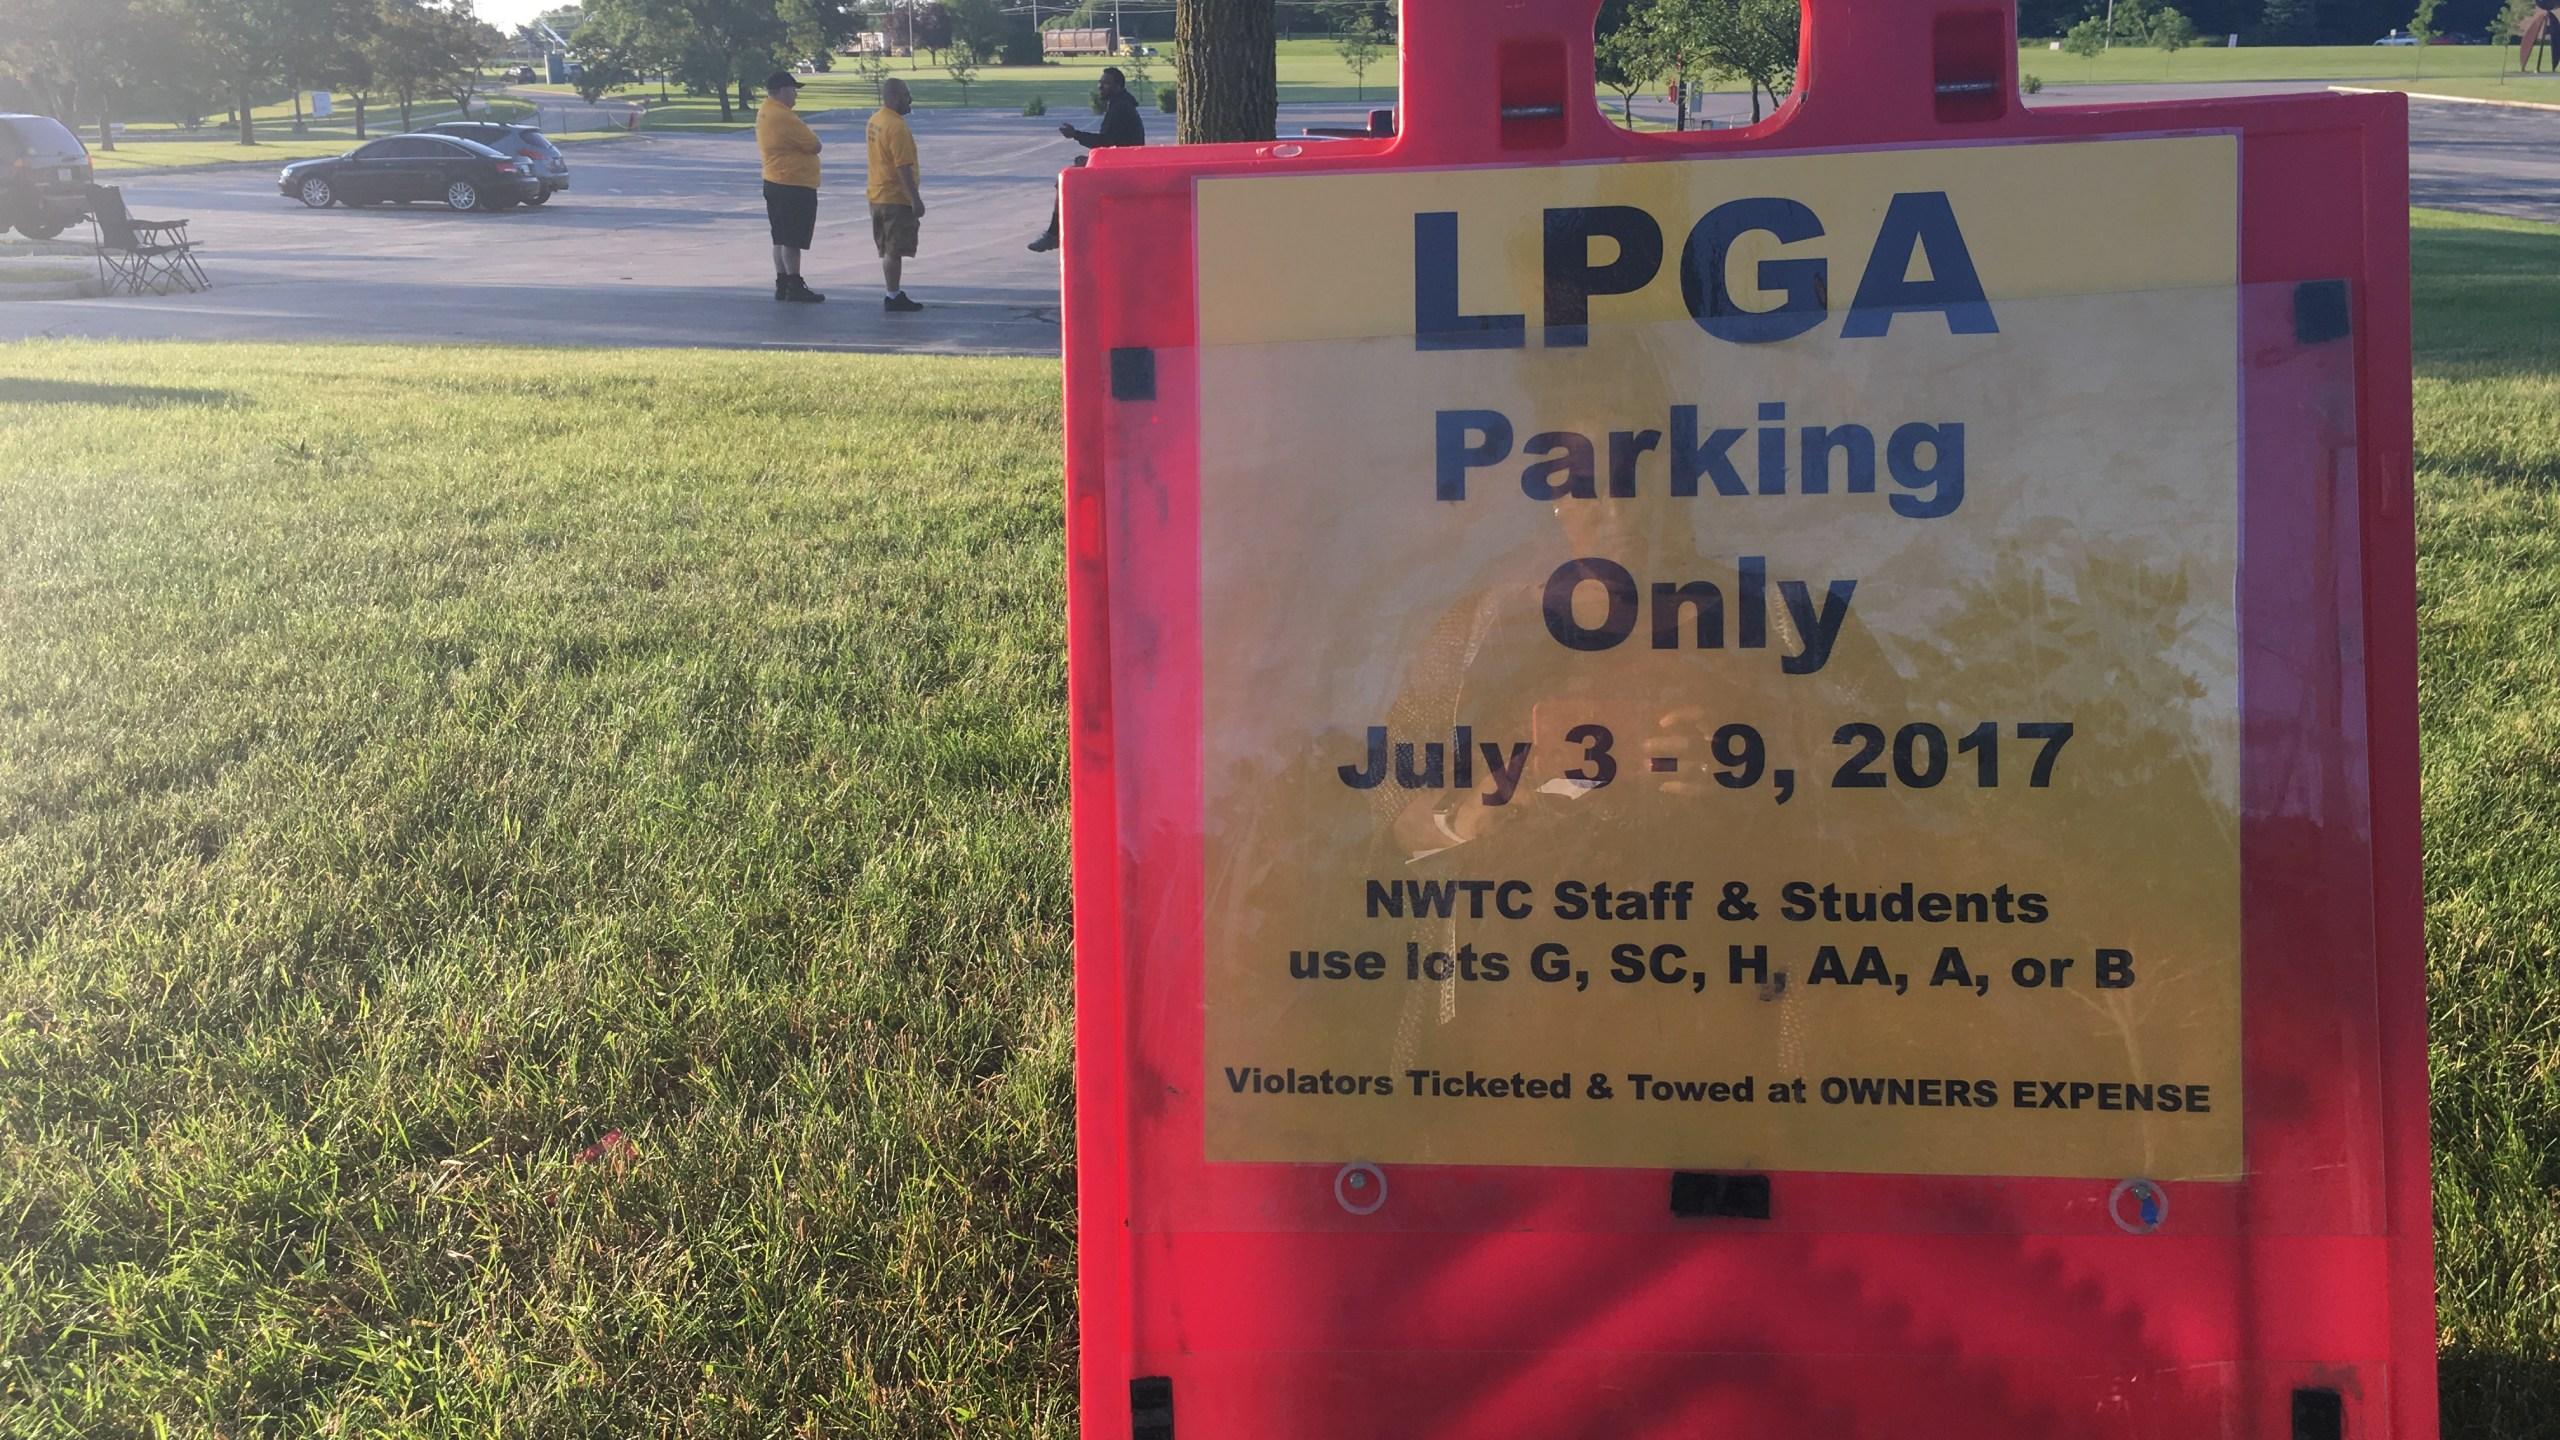 LPGA Parking